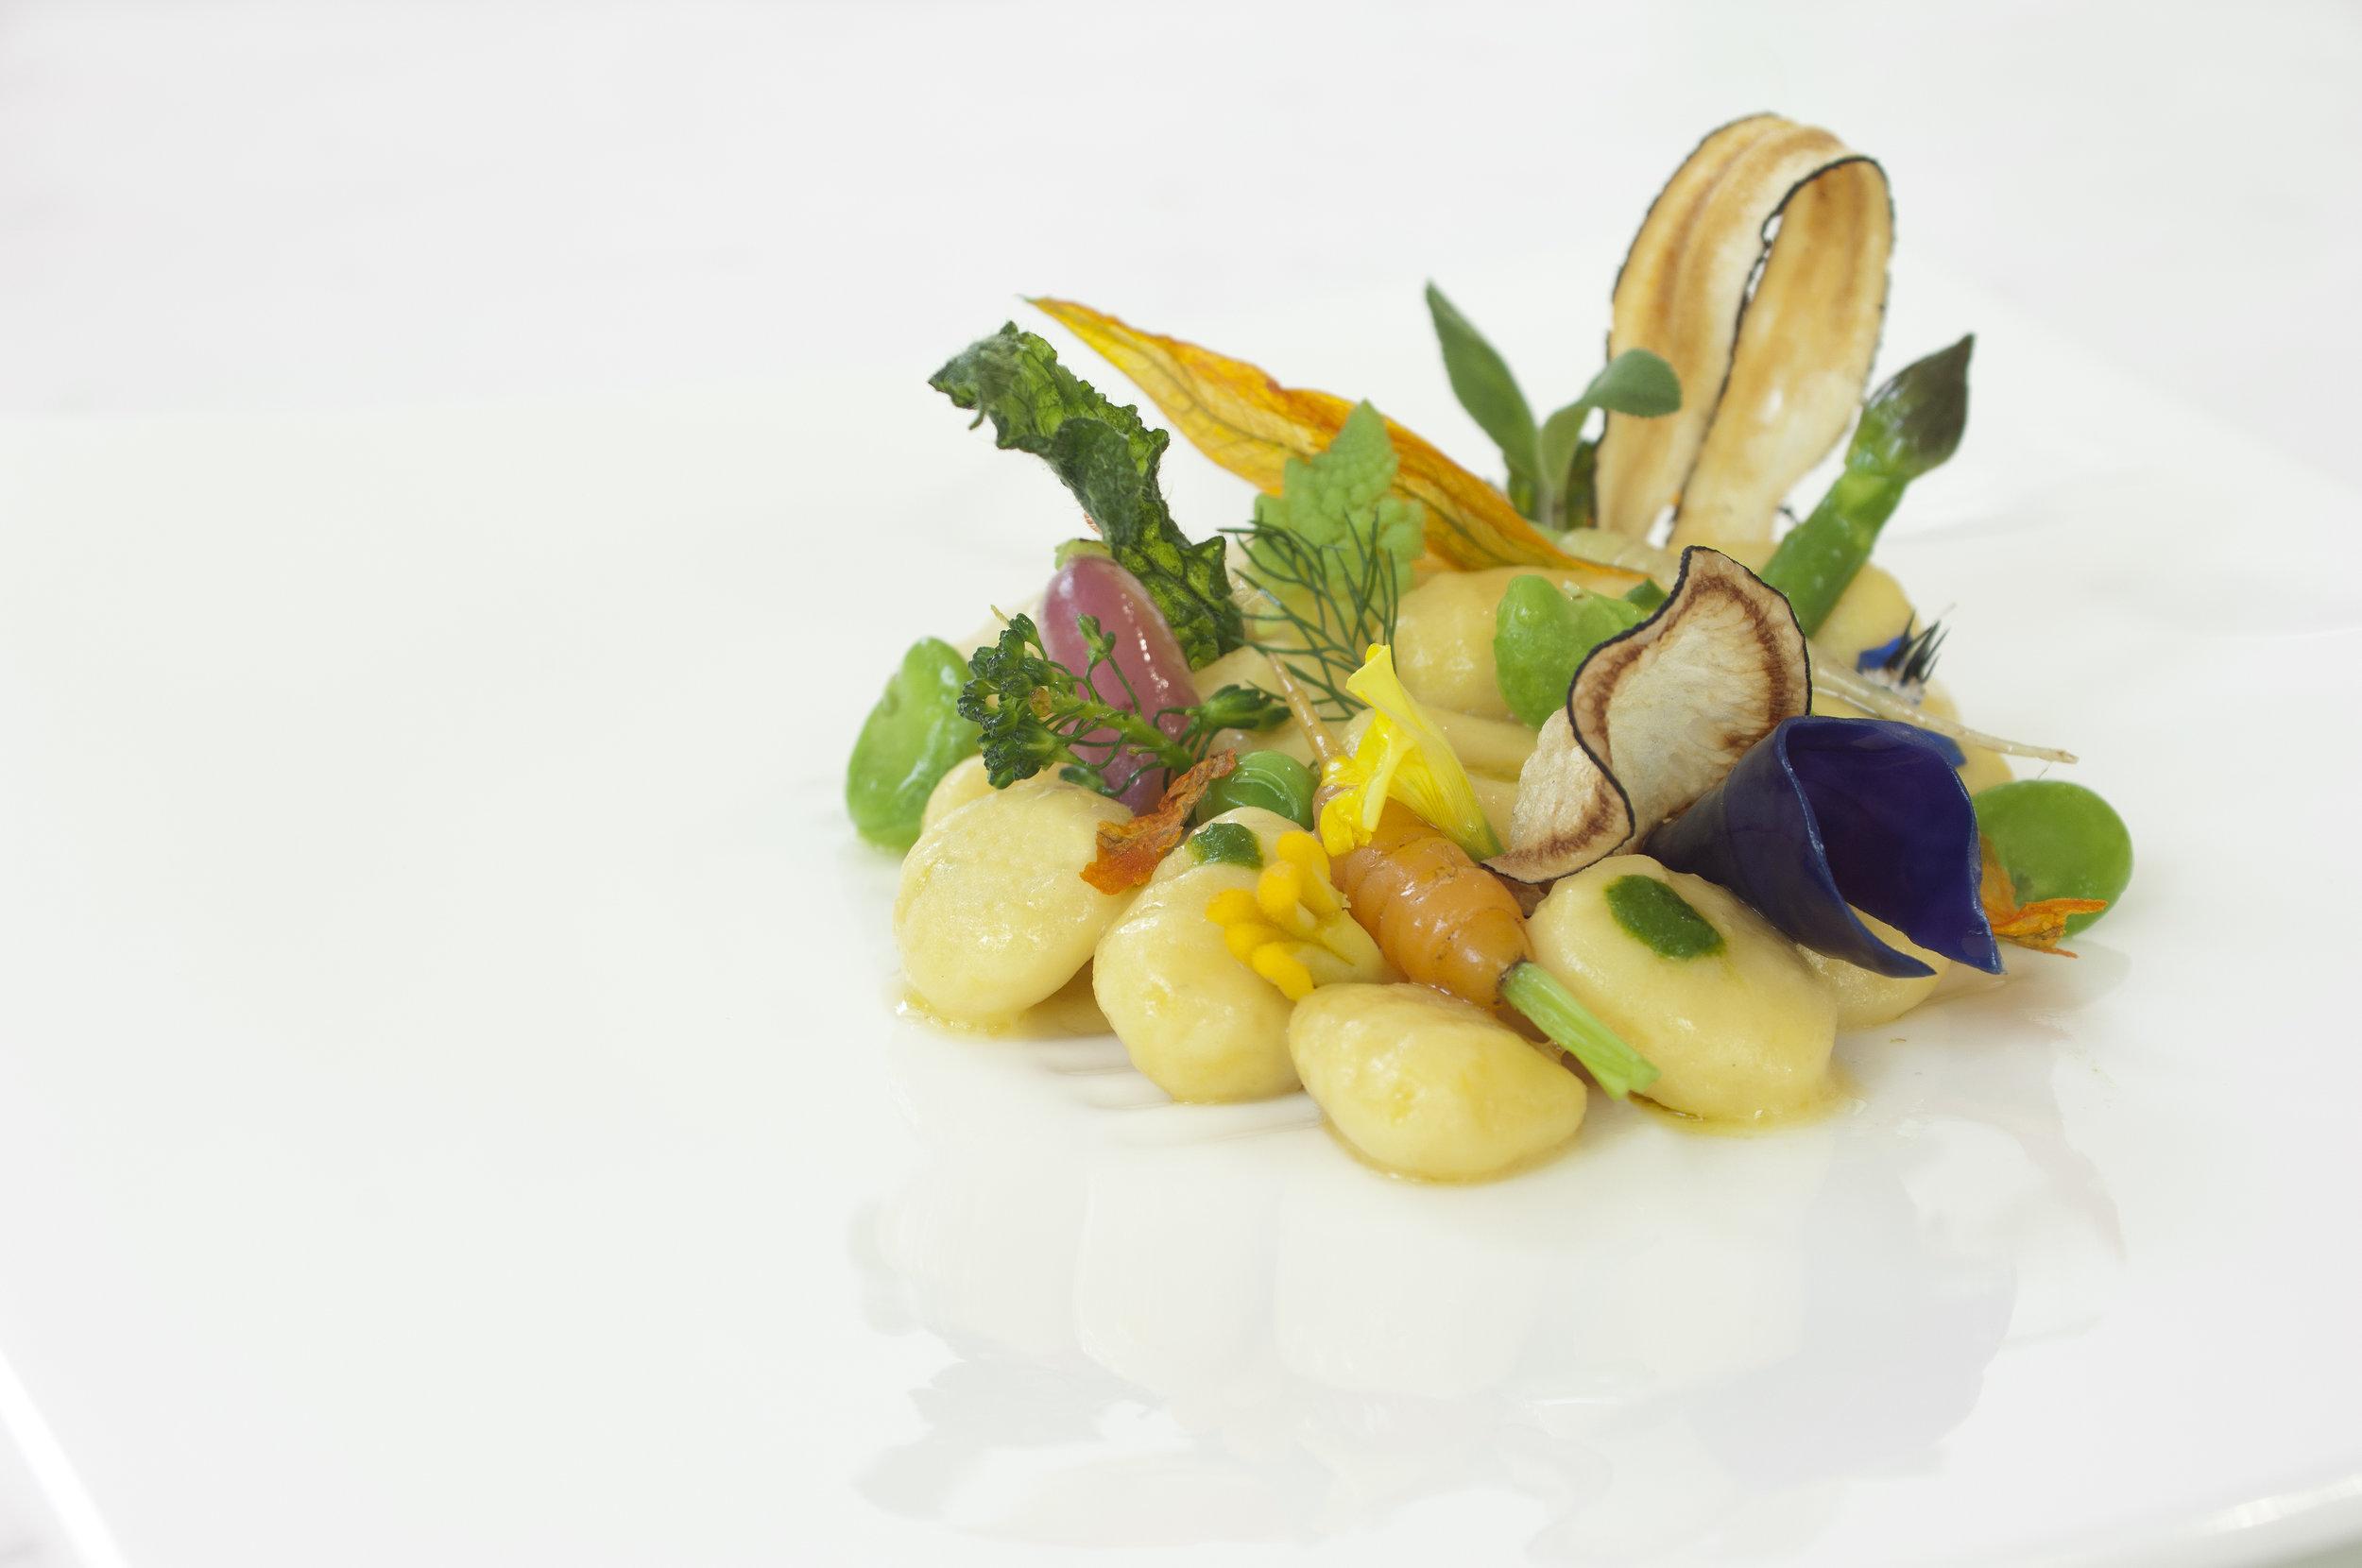 Gnocchi de pommes de terre nouvelles de montagne.jpg